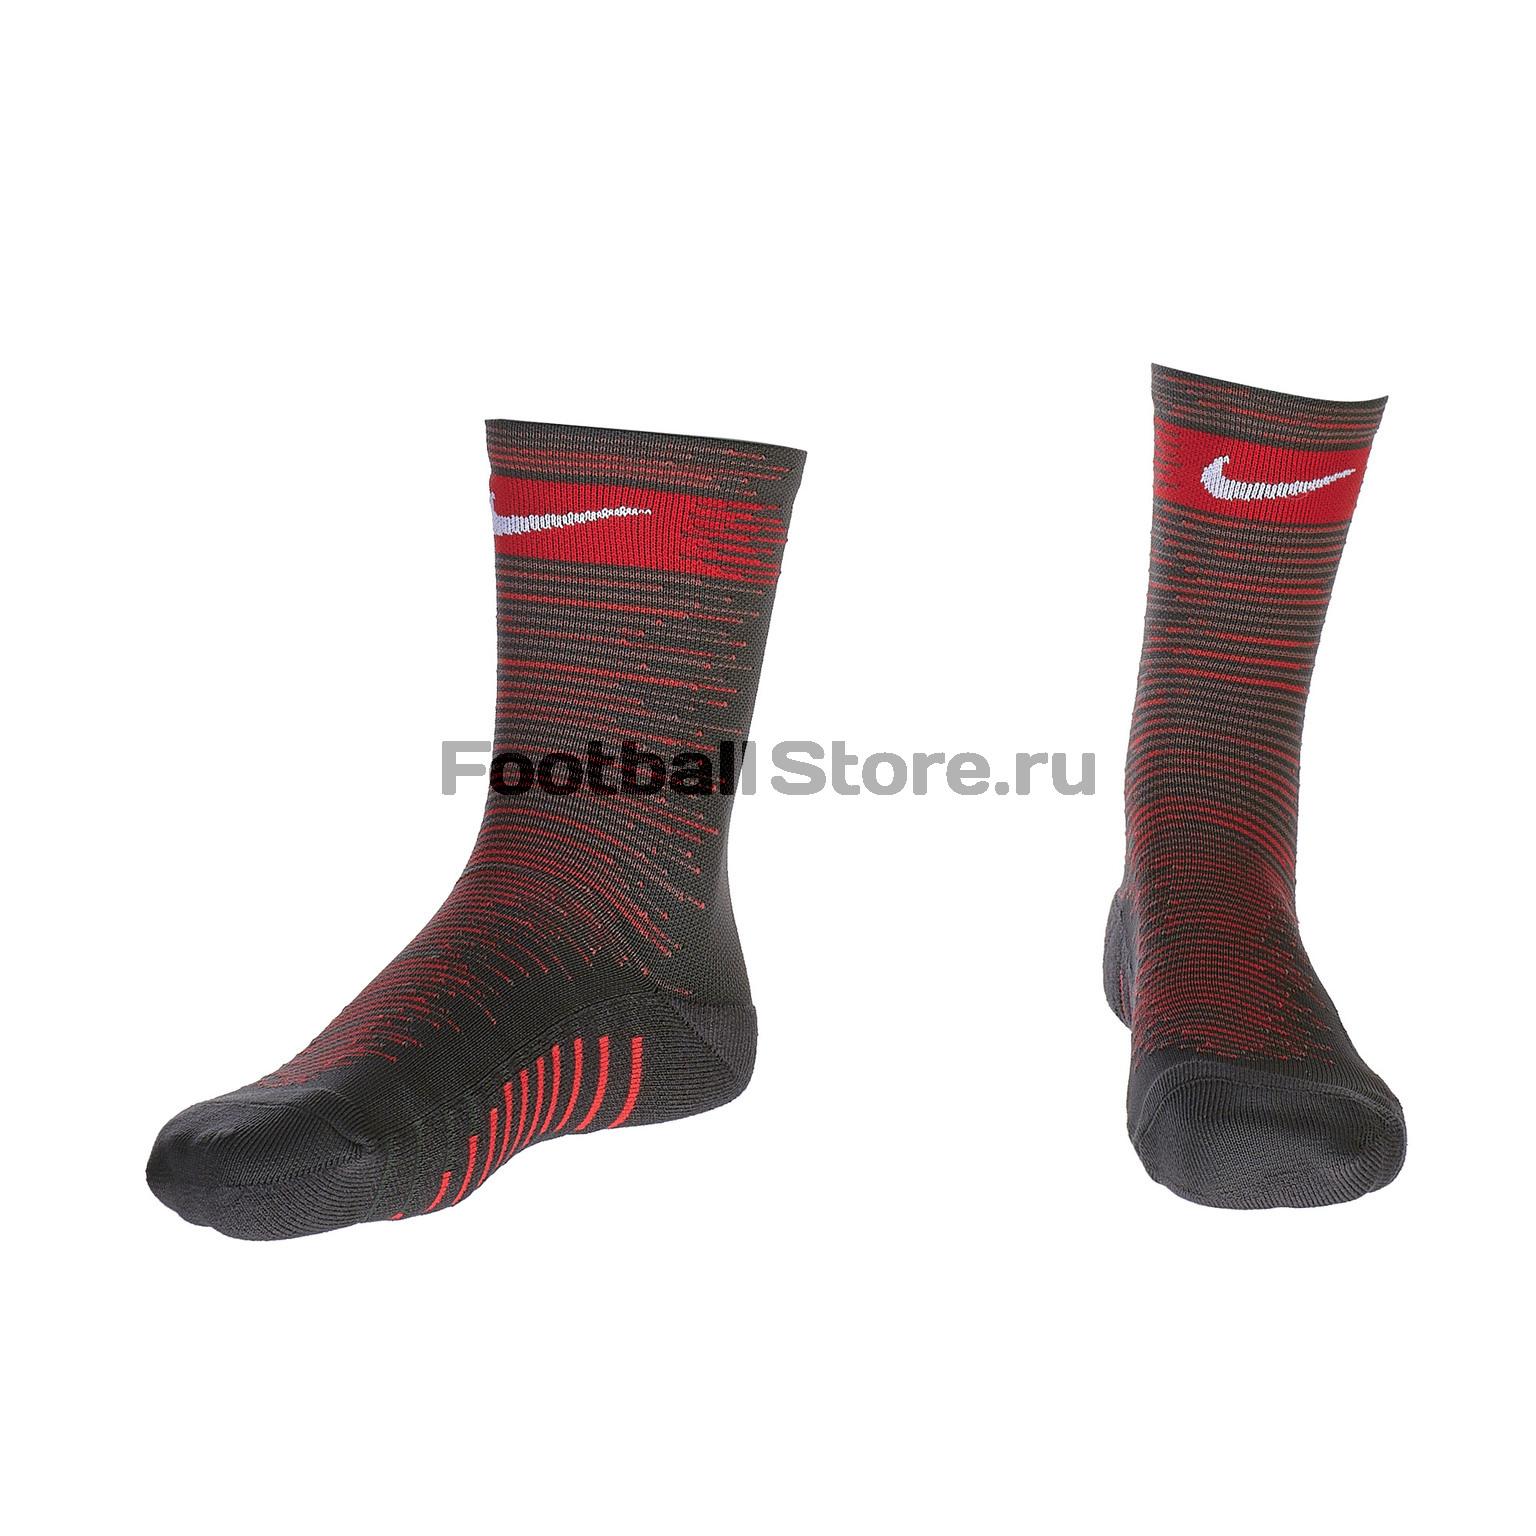 Носки Nike Squad Crew SX6831-060 носки nike носки u nk strk merc crew